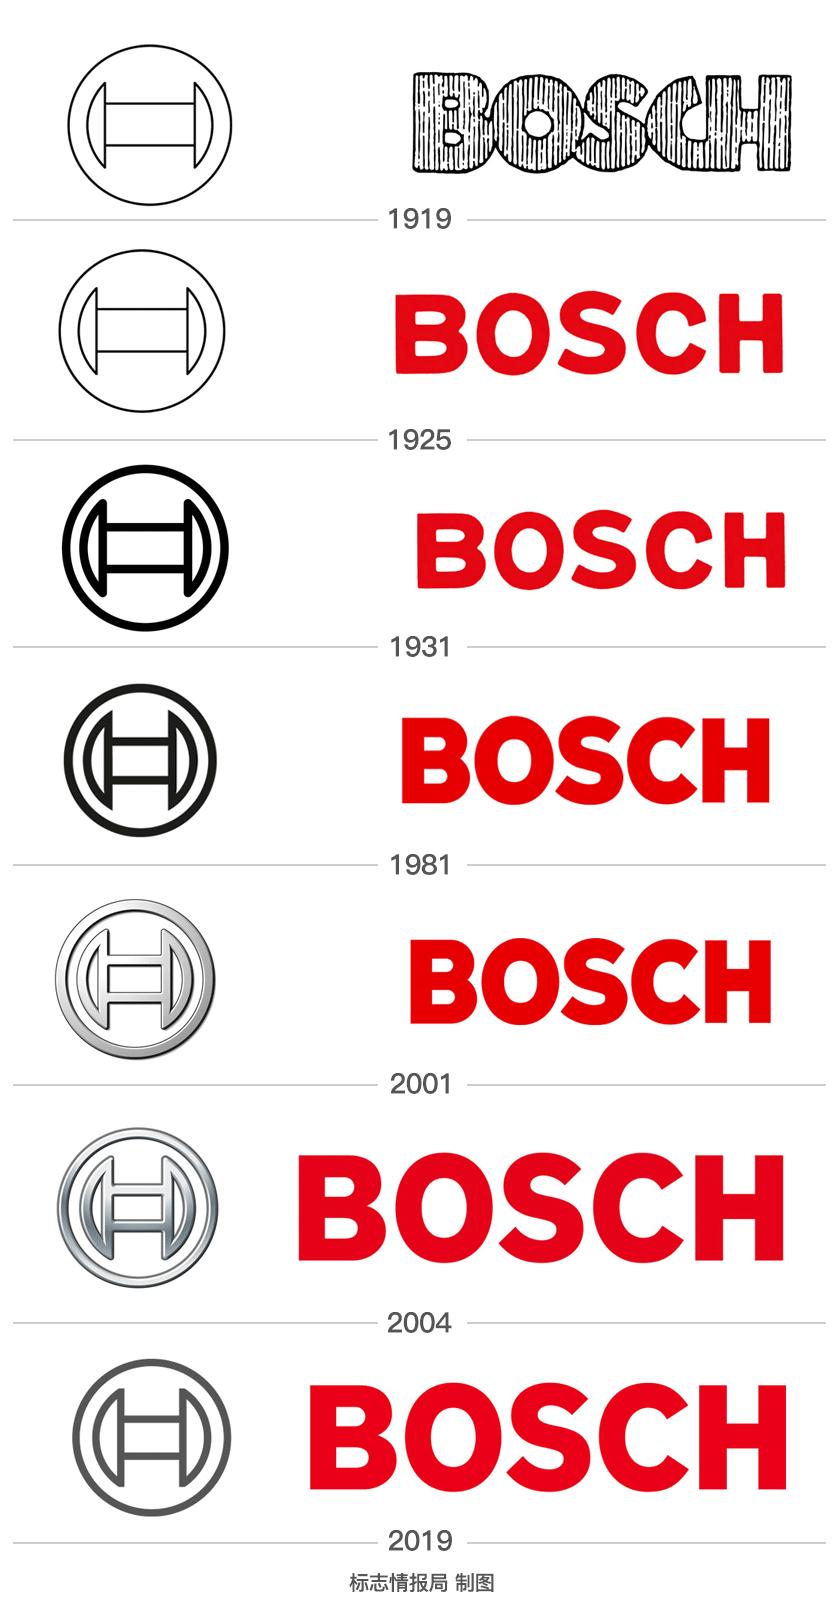 博世BOSCH公司品牌设计,7次品牌logo设计对比